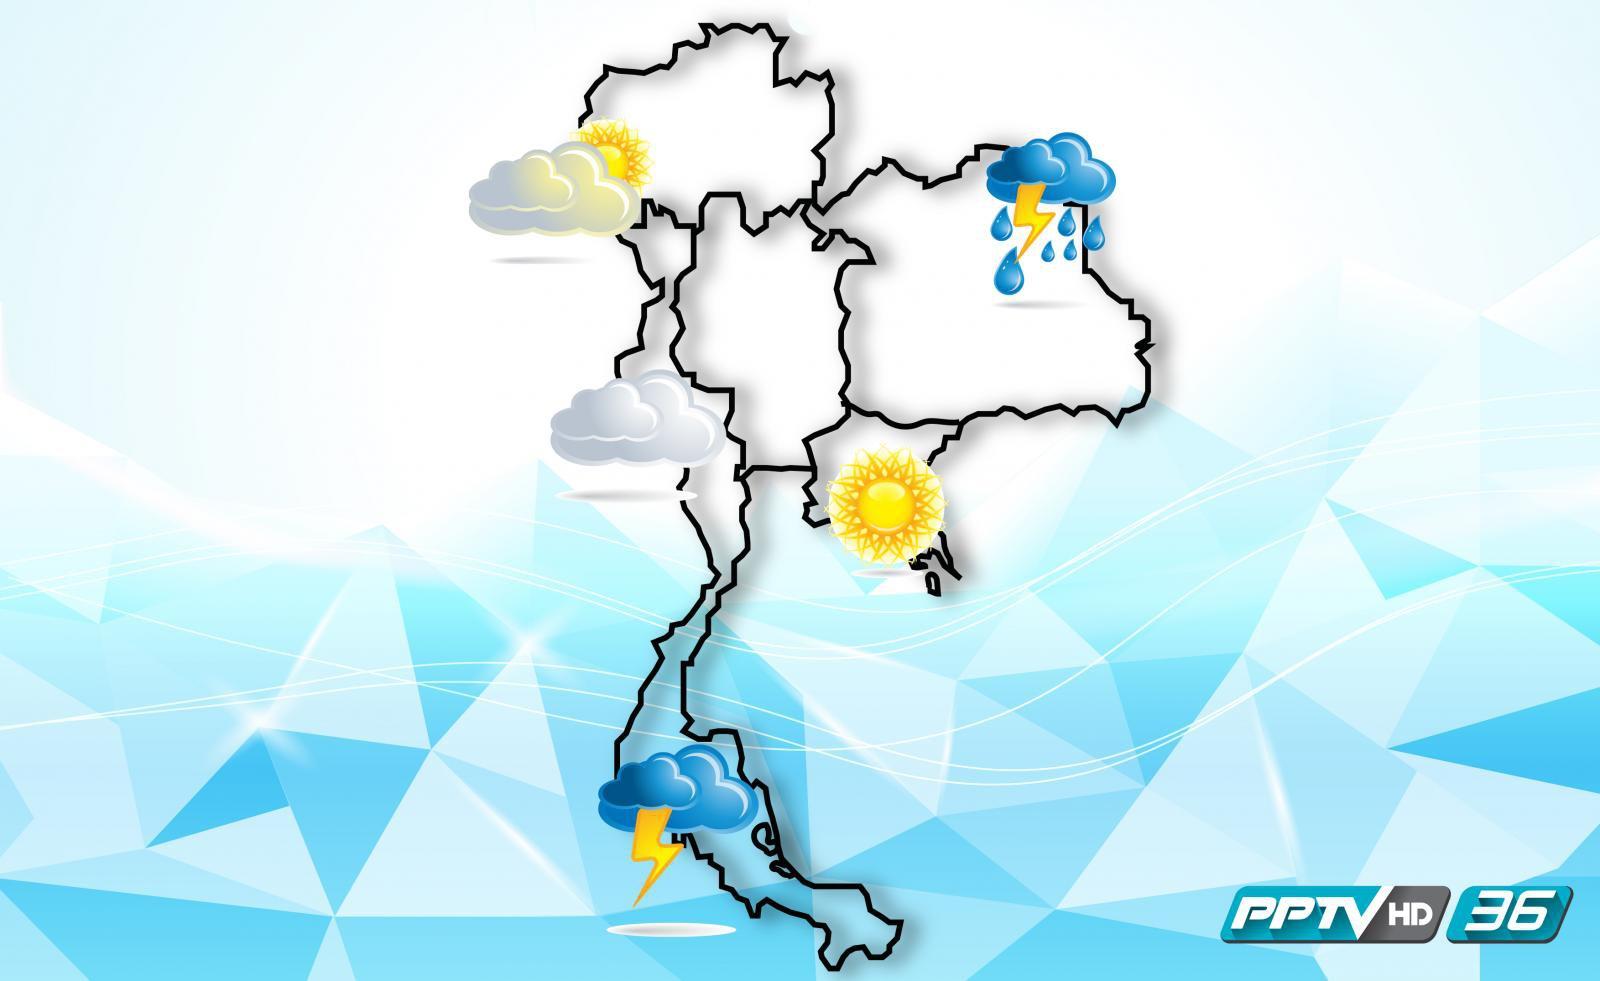 กรมอุตุฯ เผย  ฝนยังตกบริเวณภาคตะวันตก-เหนือตอนบน